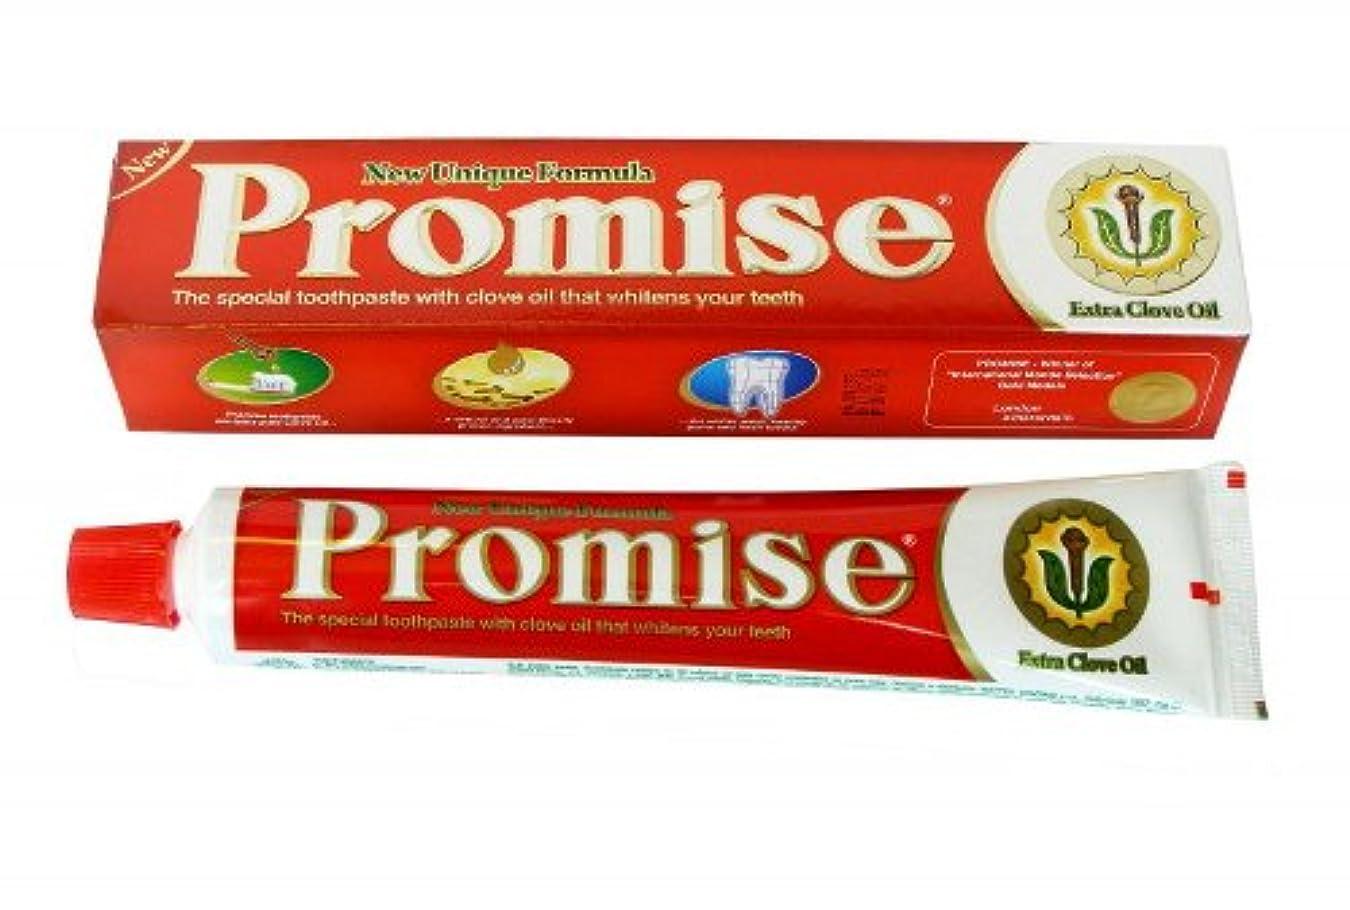 レジインストール一回Dabur Promise チョコレートオイル入り練り歯磨き 150g 2個 [並行輸入品]